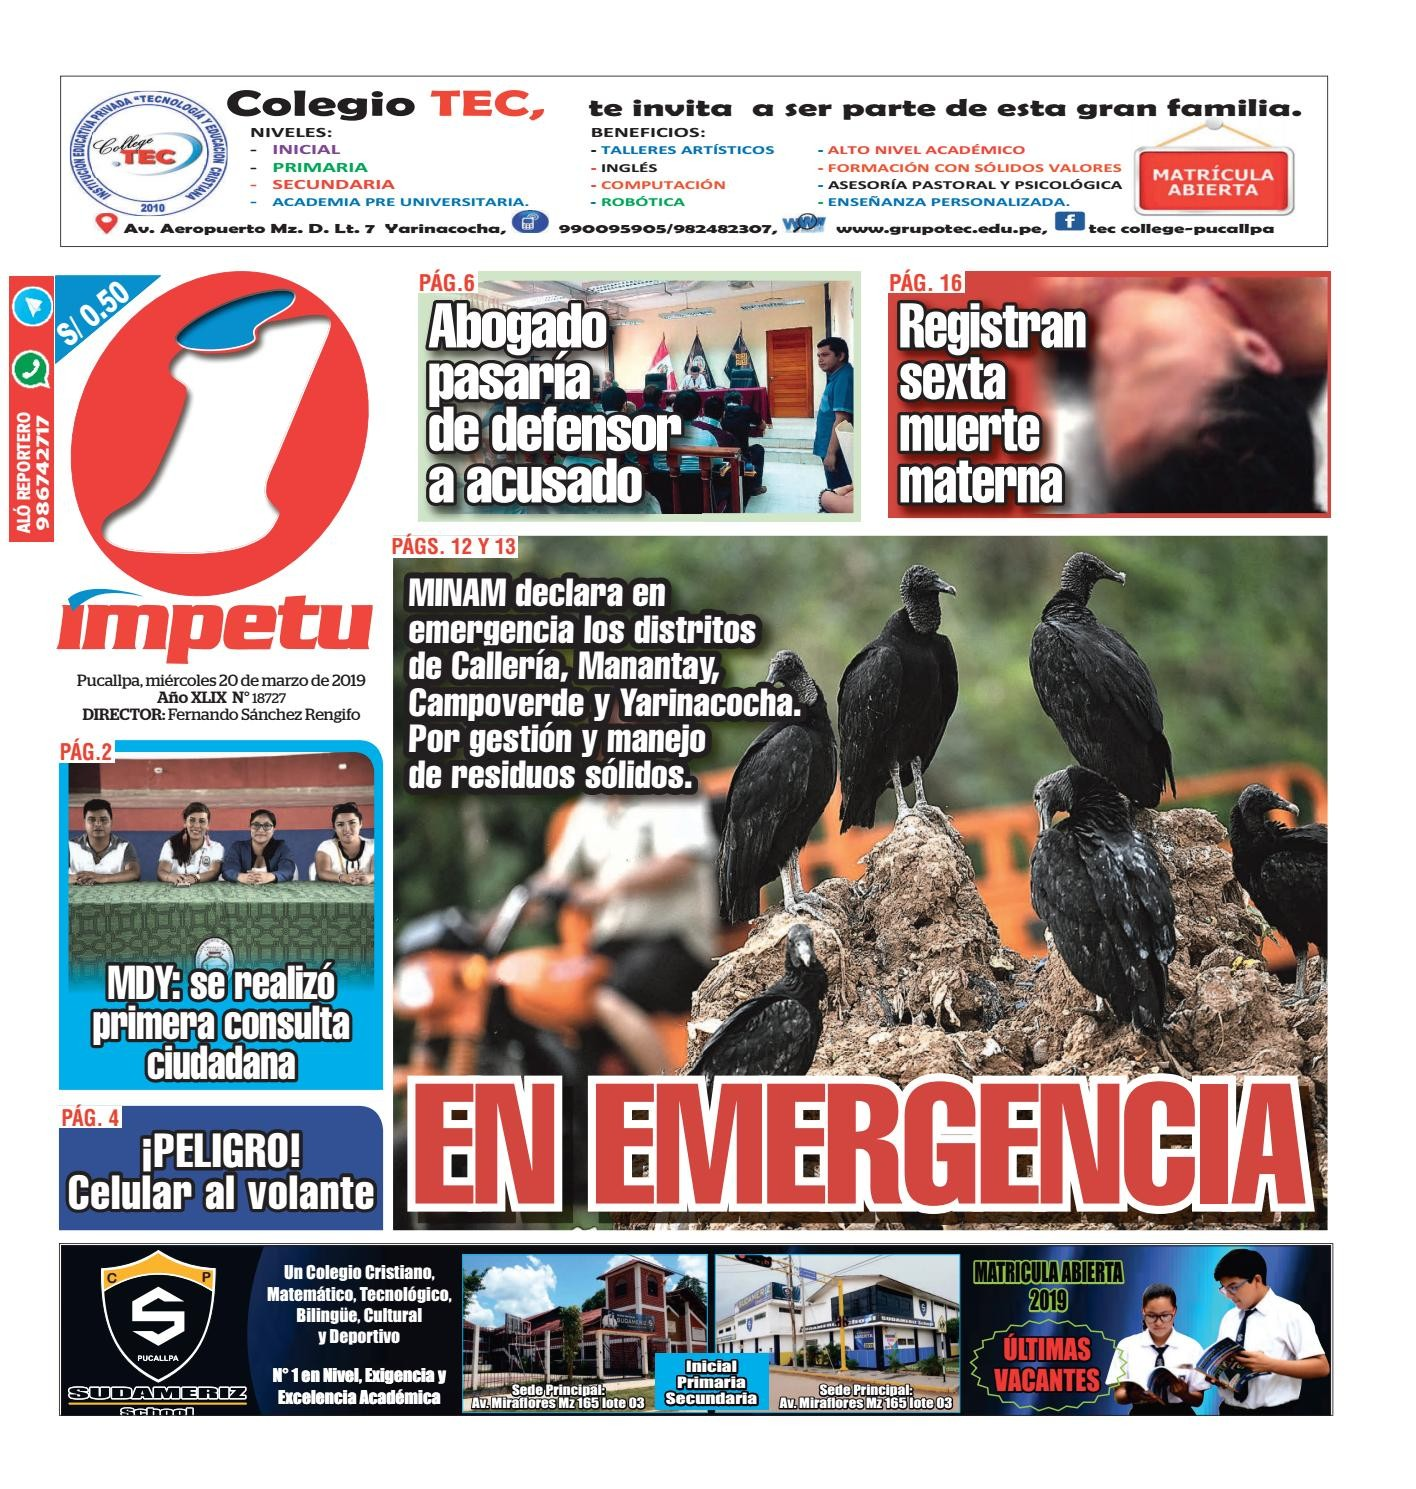 Calendario Anual Laboral 2019 Más Recientemente Liberado mpetu Pucallpa 20 De Marzo De 2019 by Diario mpetu issuu